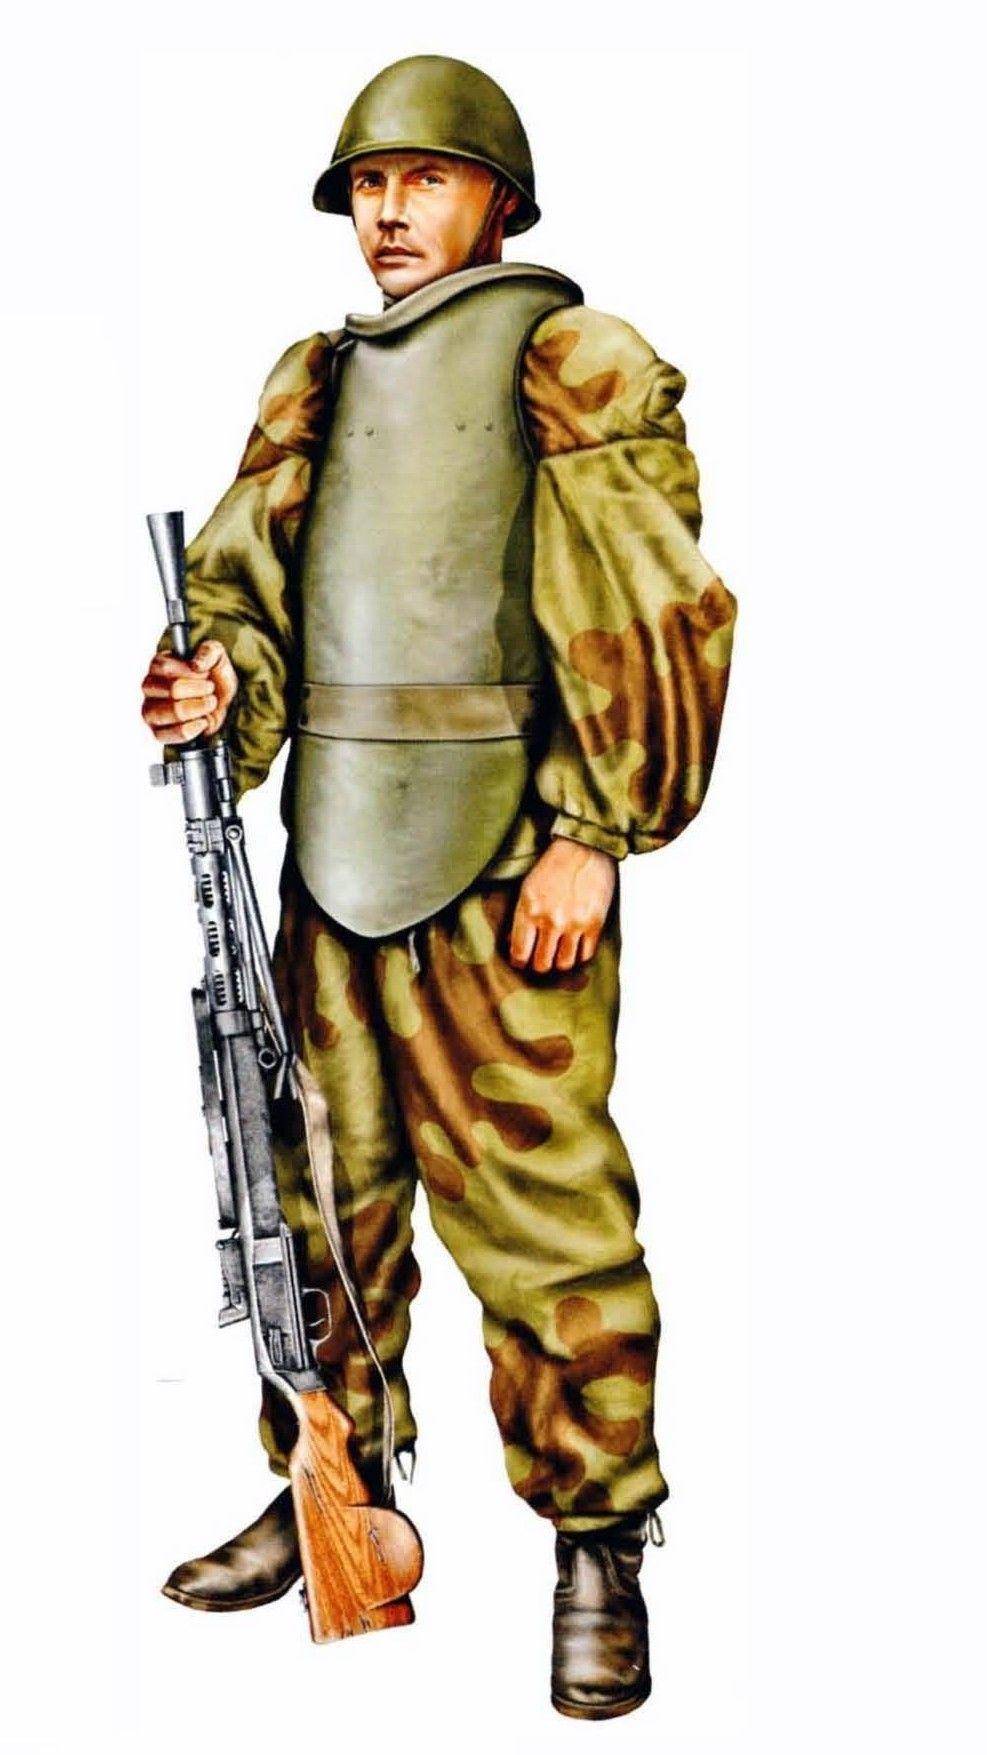 ARMATA ROSSA - Esploratore (Razvedchiqui) protetto da una corazza con una mitragliatrice Degtyarev DP da 7,62 mm. - Difesa della cittadella di Breslau, 8 febbraio - 6 maggio 1945